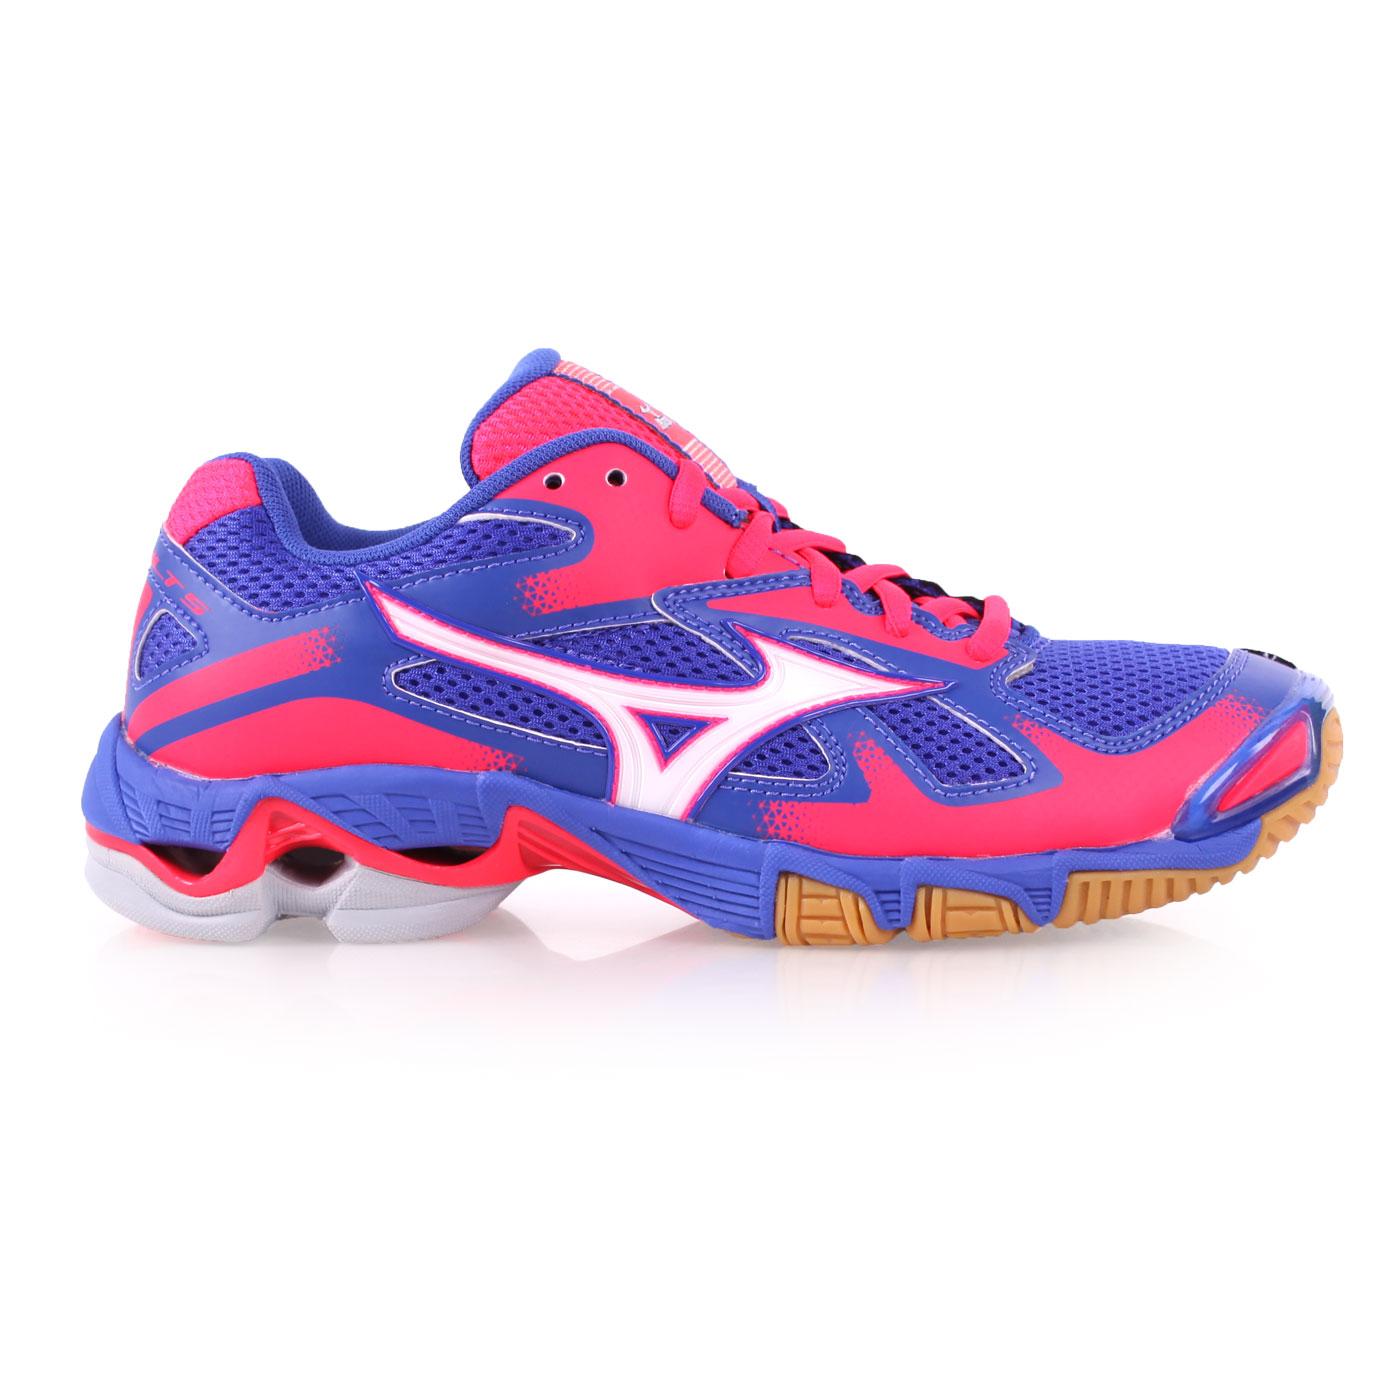 ^(女^) MIZUNO WAVE BOLT 5 排球鞋~ 美津濃 藍桃紅